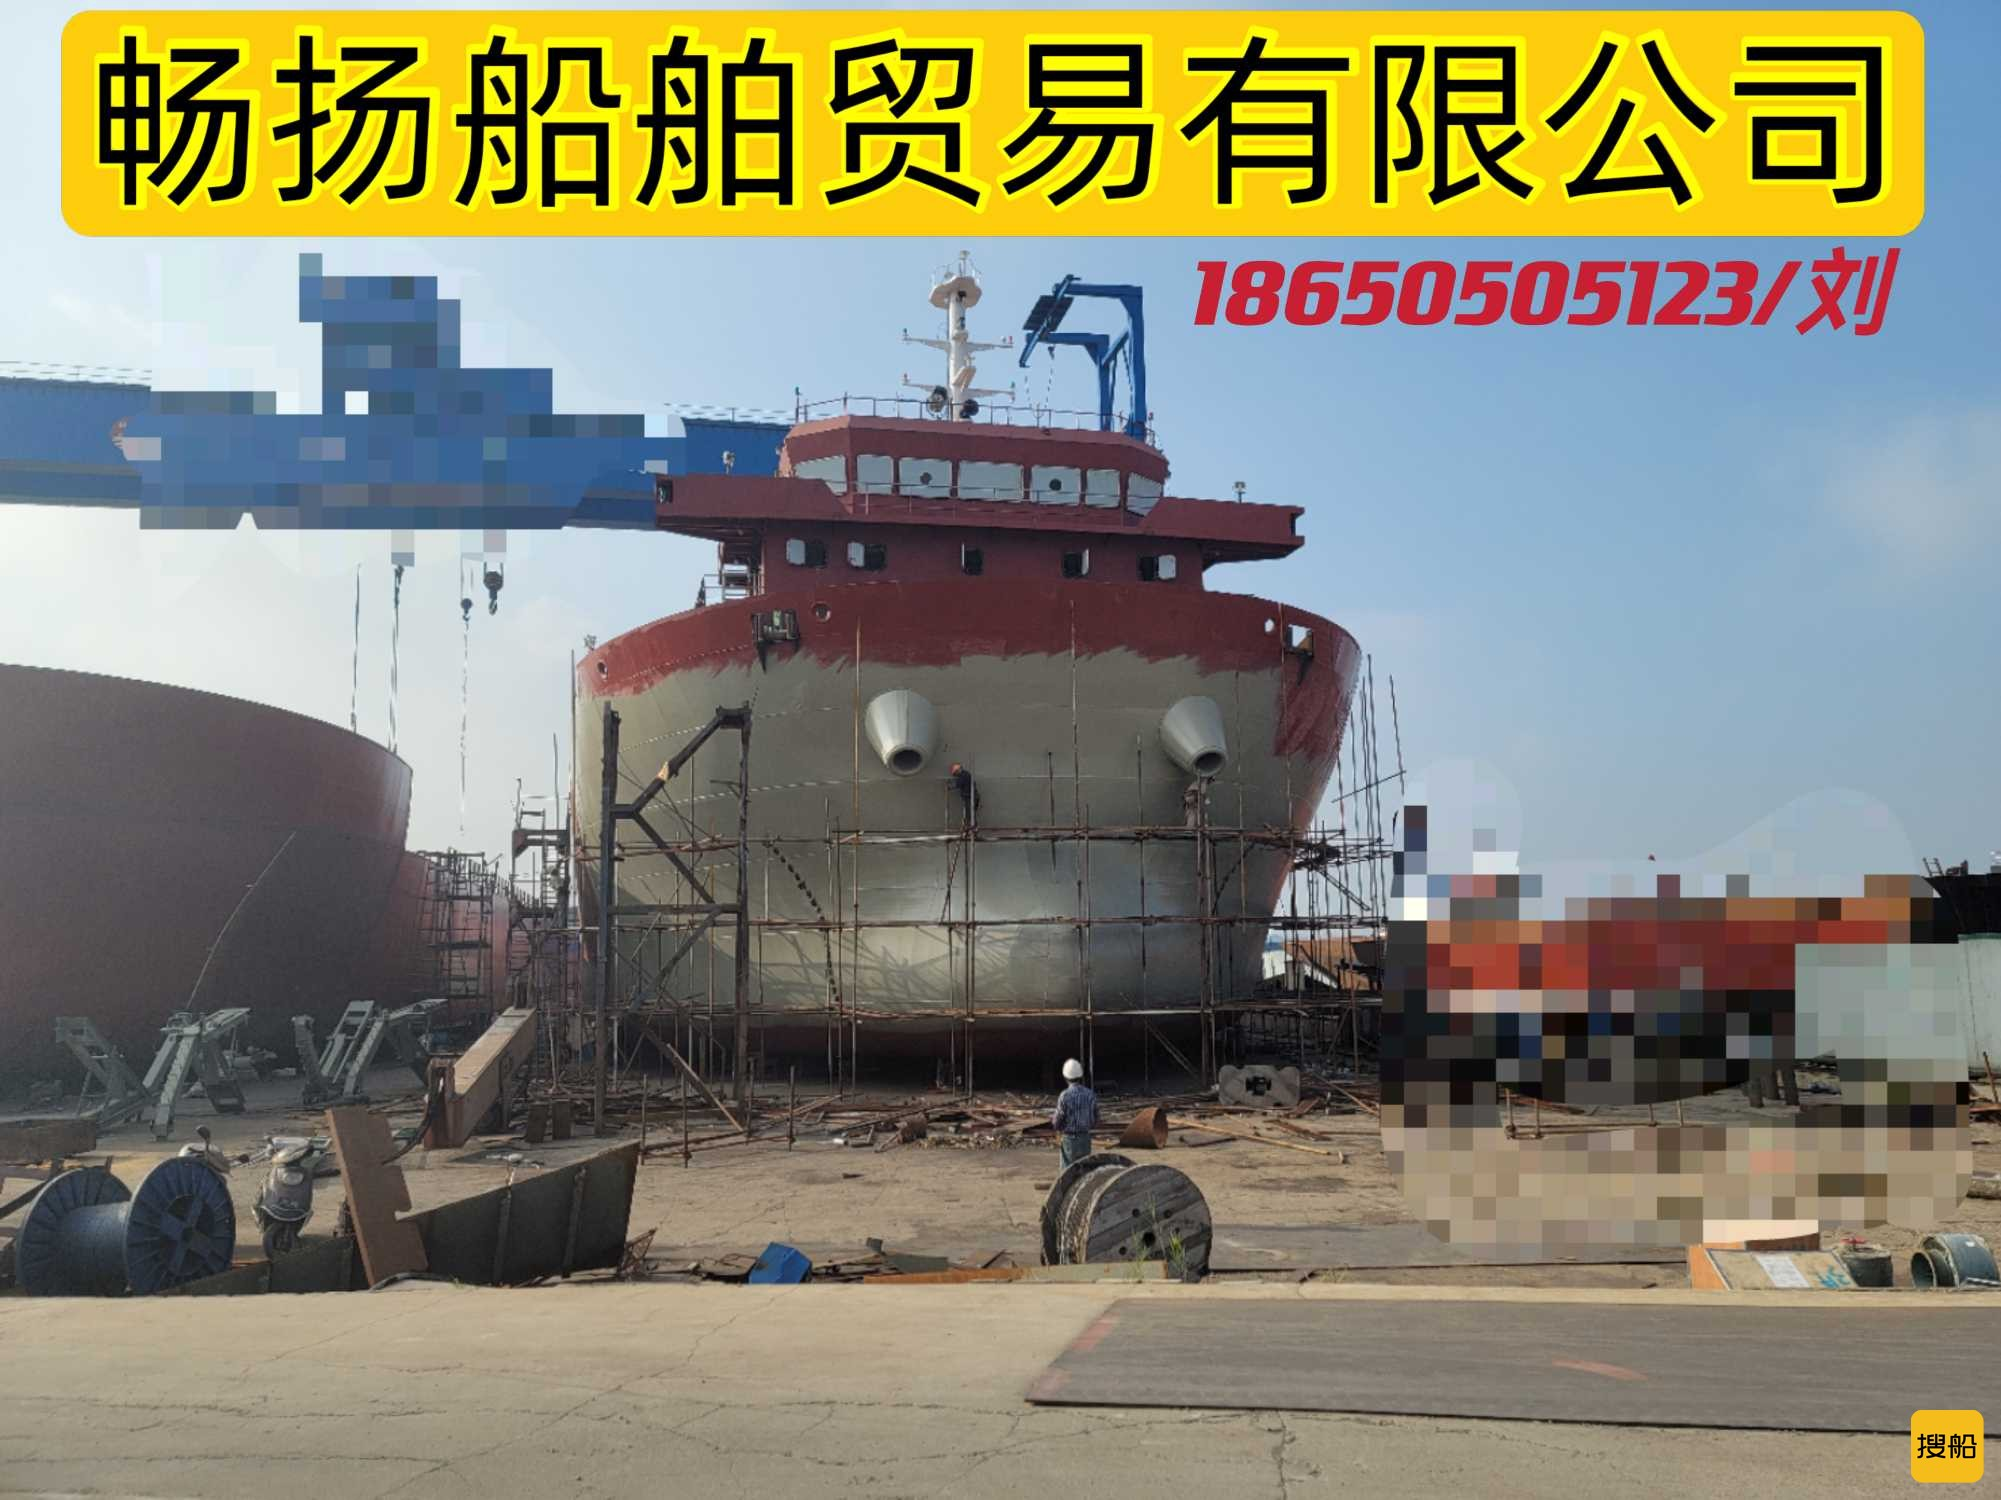 出售新造6200吨前驾-甲板驳